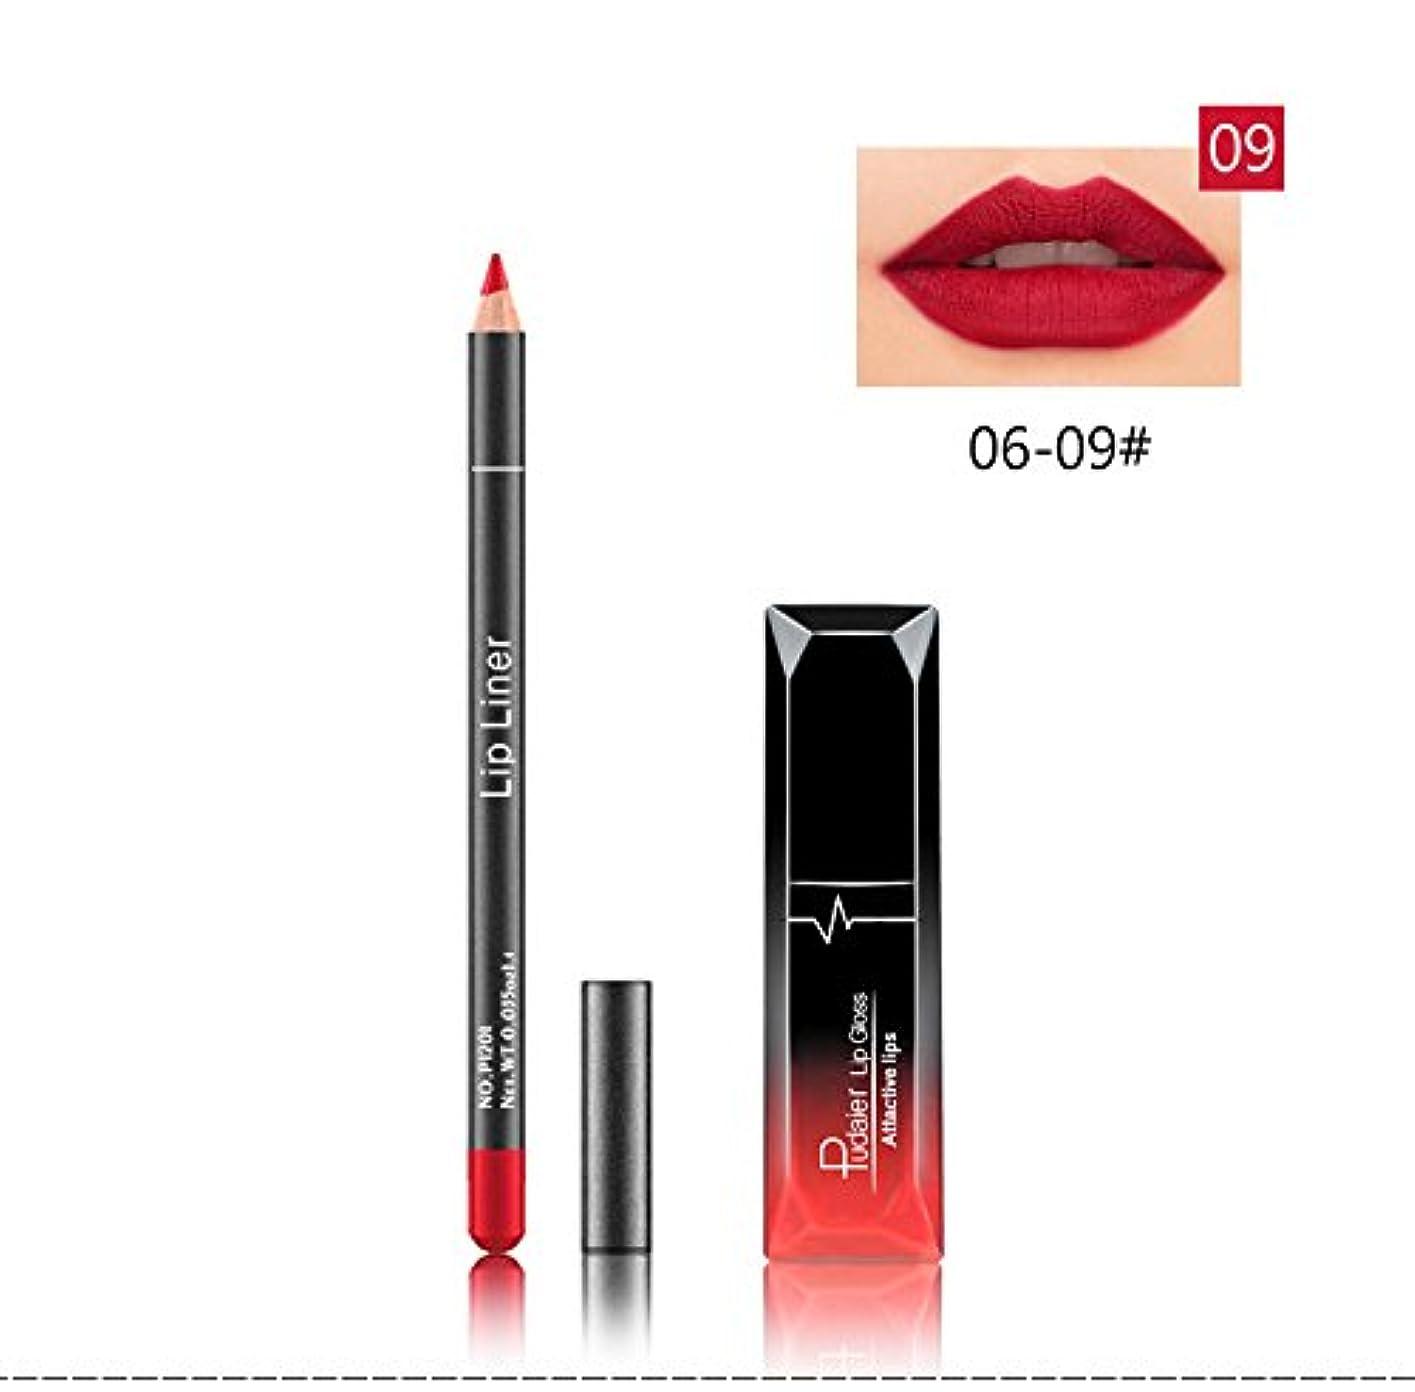 フォーマル地味な議会(09) Pudaier 1pc Matte Liquid Lipstick Cosmetic Lip Kit+ 1 Pc Nude Lip Liner Pencil MakeUp Set Waterproof Long Lasting Lipstick Gfit